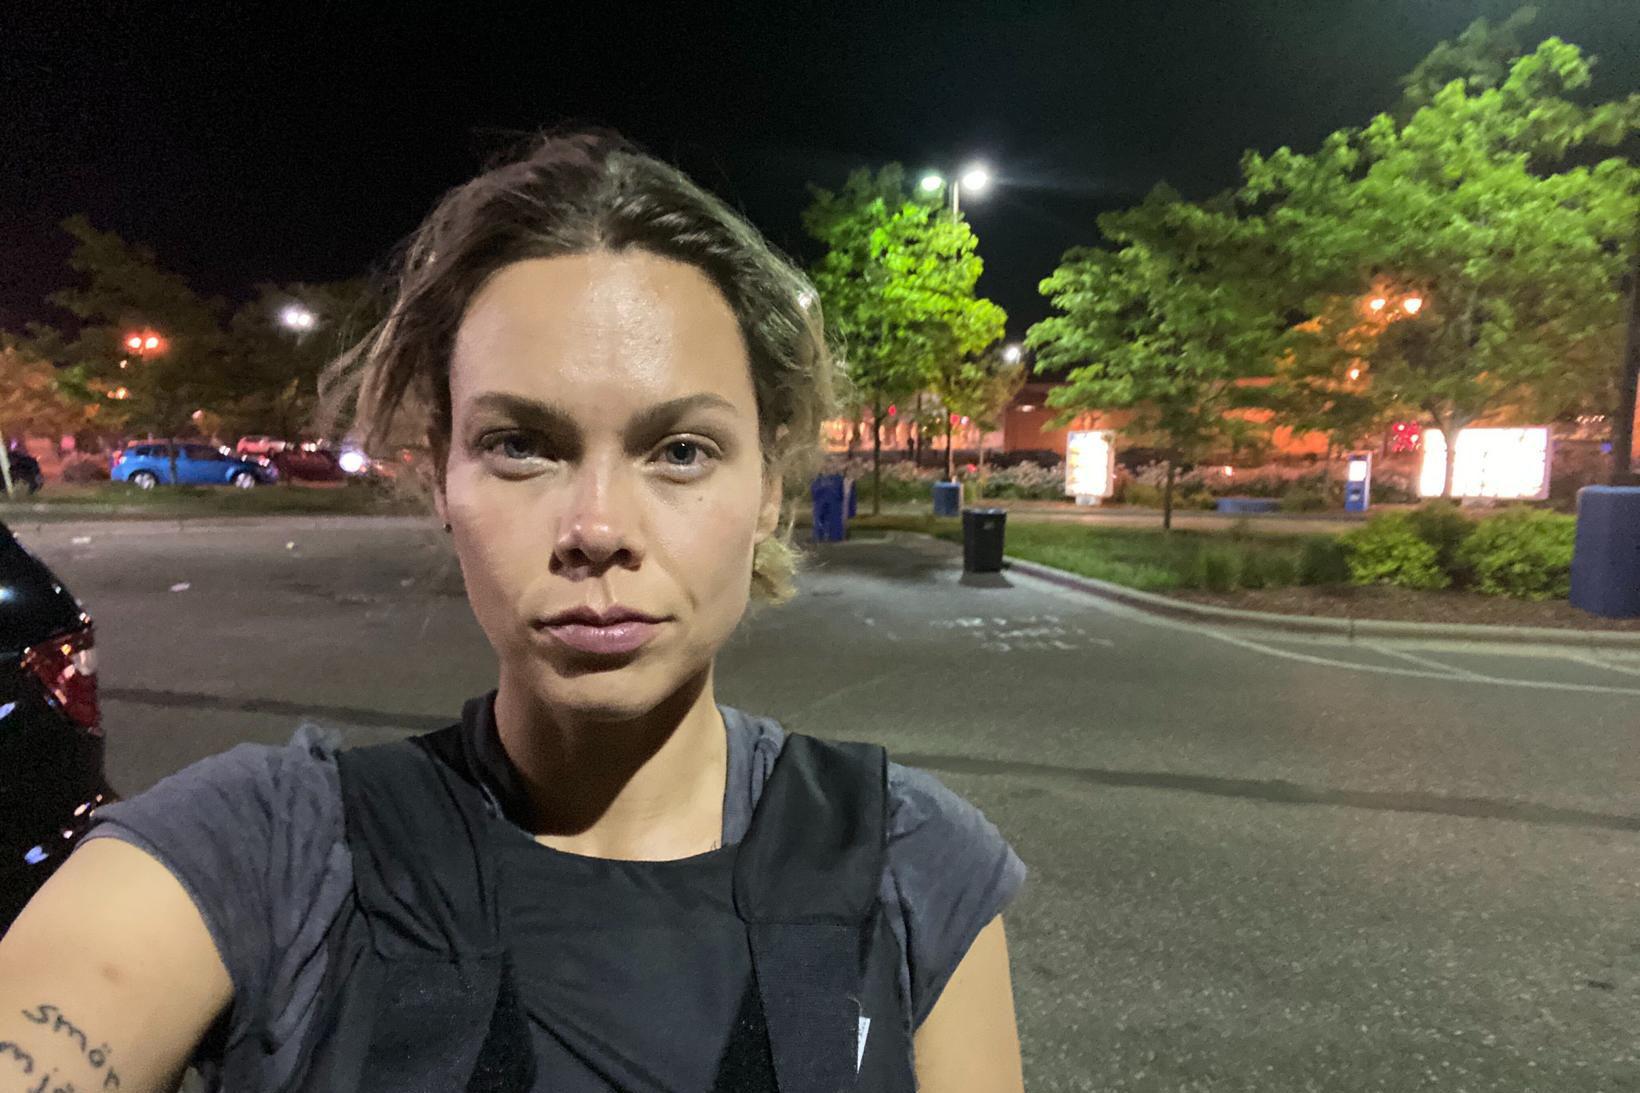 Nina Svanberg, fréttaritari sænska dagblaðsins Expressen í Bandaríkjunum, var skotin …